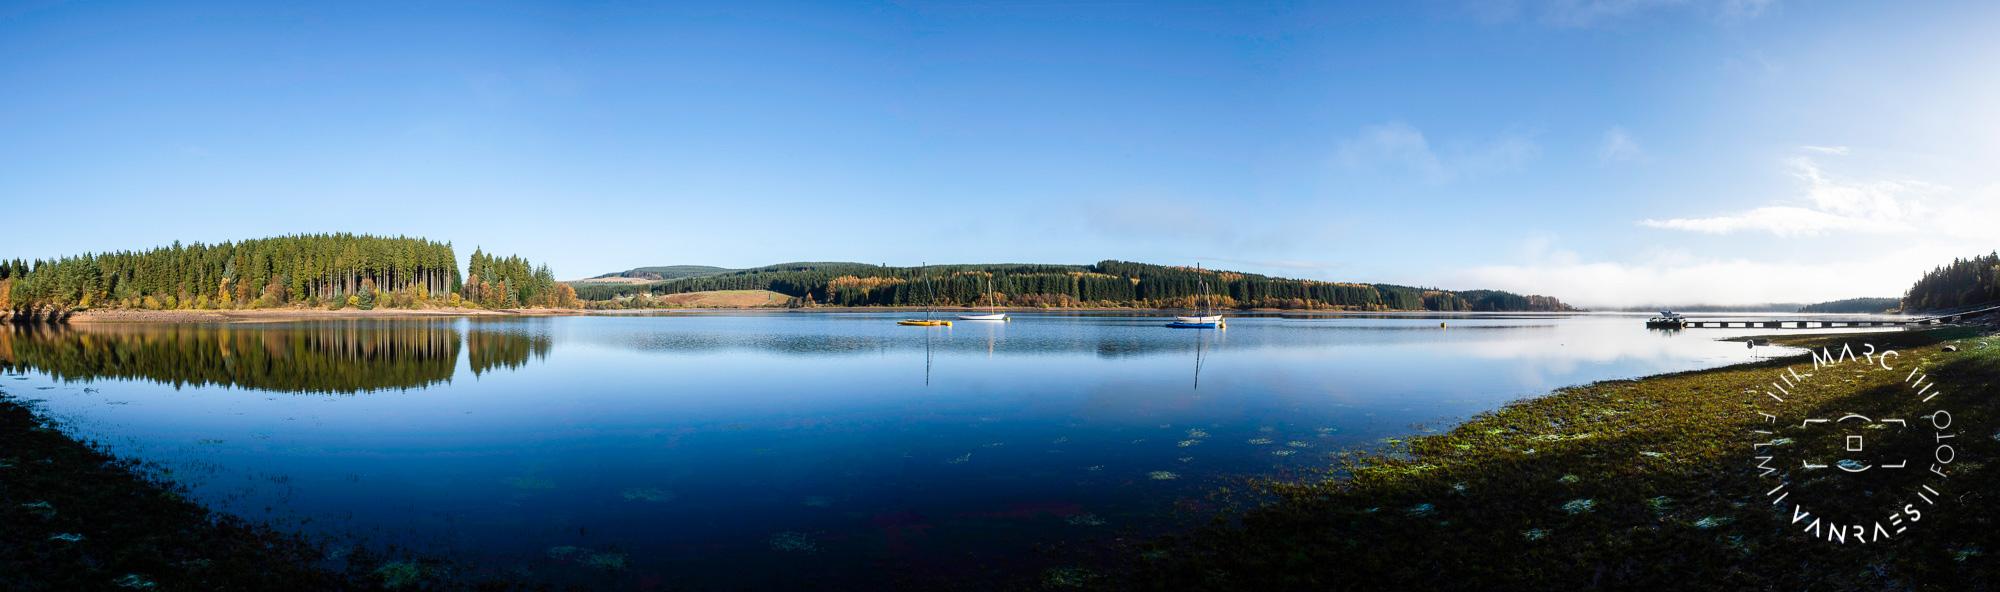 © Deze foto's van Kielder Water 6 - www.marcvanraes.be - 6_